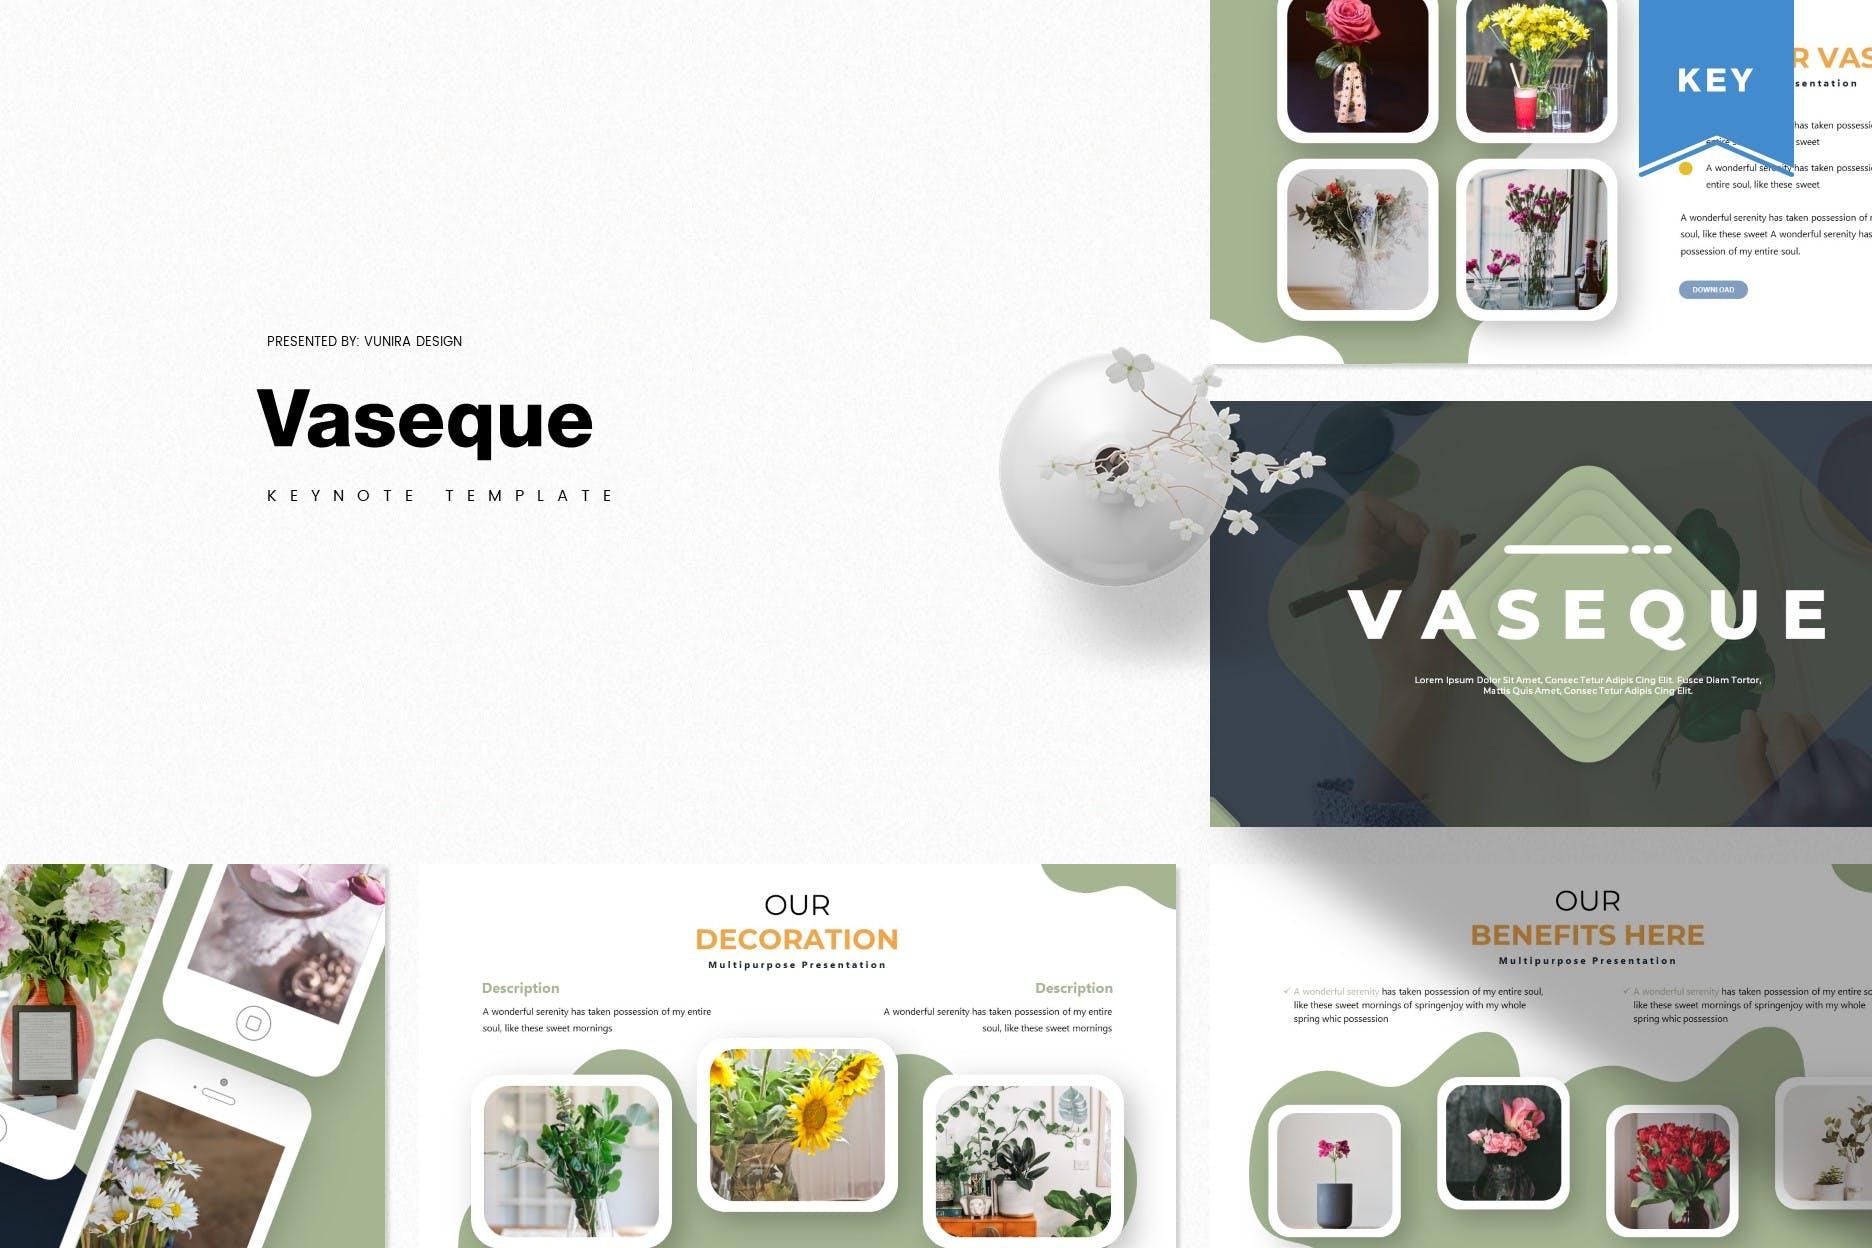 商务营销策划幻灯片模板下载Vaseque Keynote Template插图